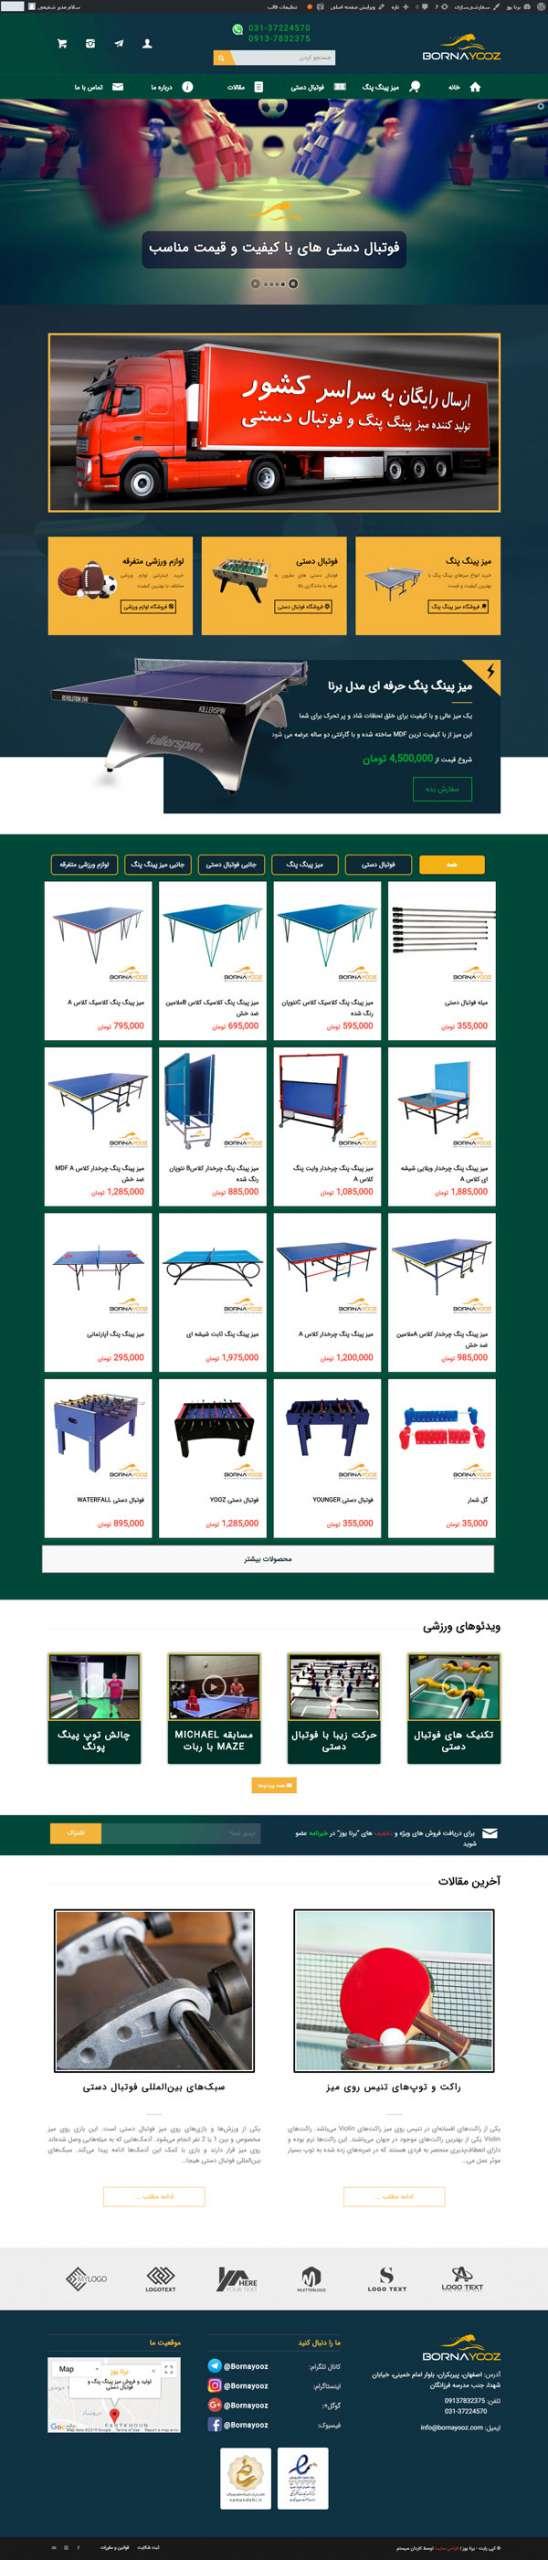 طراحی سایت برنا یوز | تولید کننده تجهیزات ورزشی